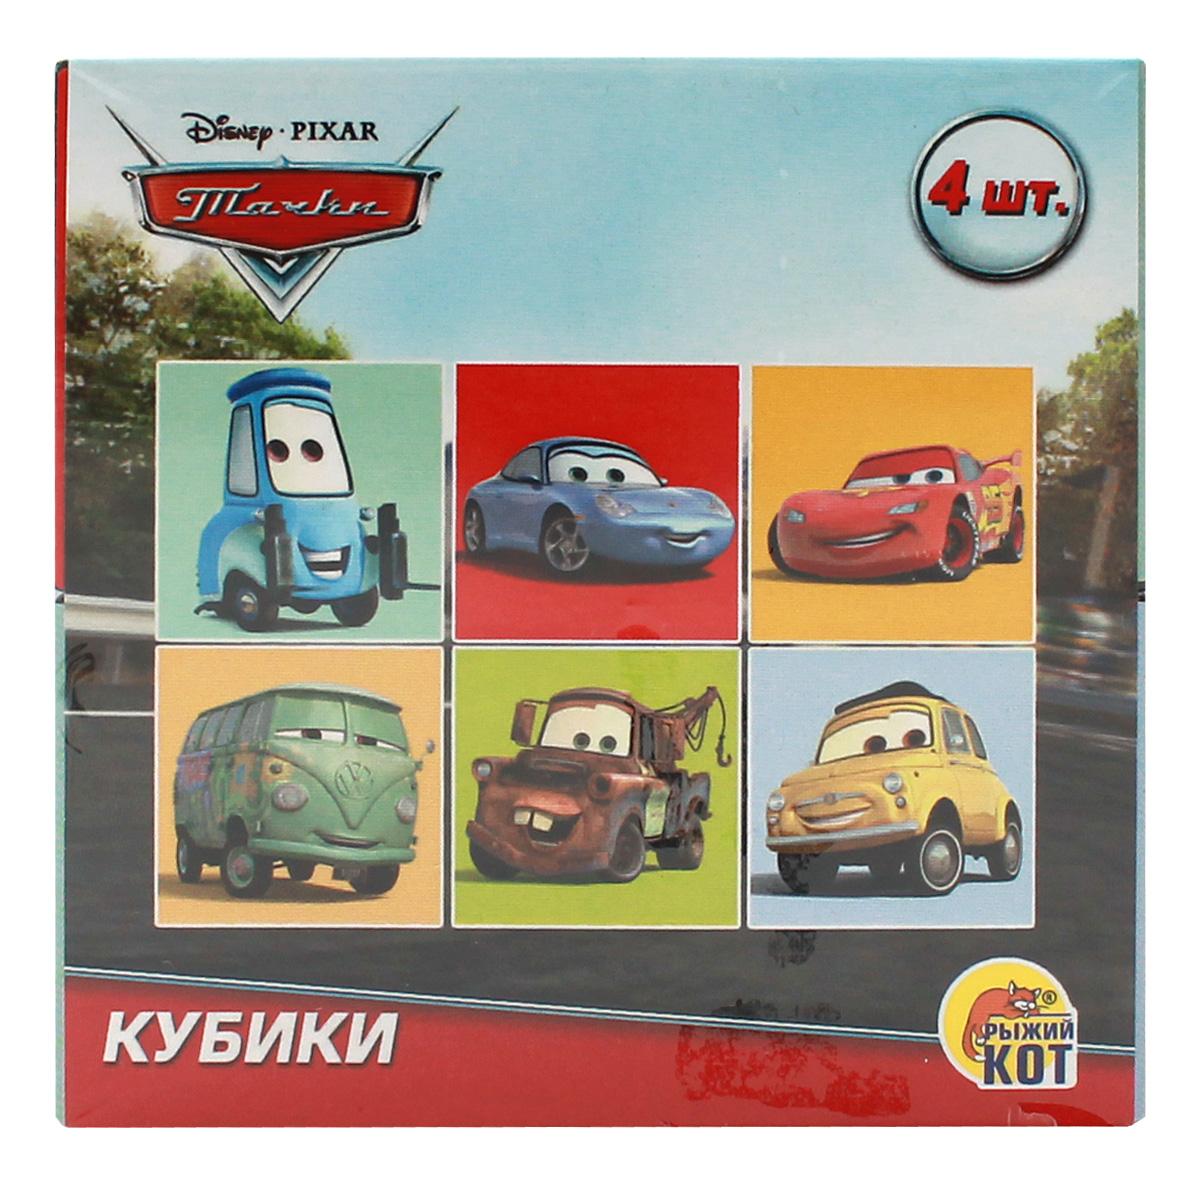 Рыжий Кот Кубики Тачки Disney 4 шт